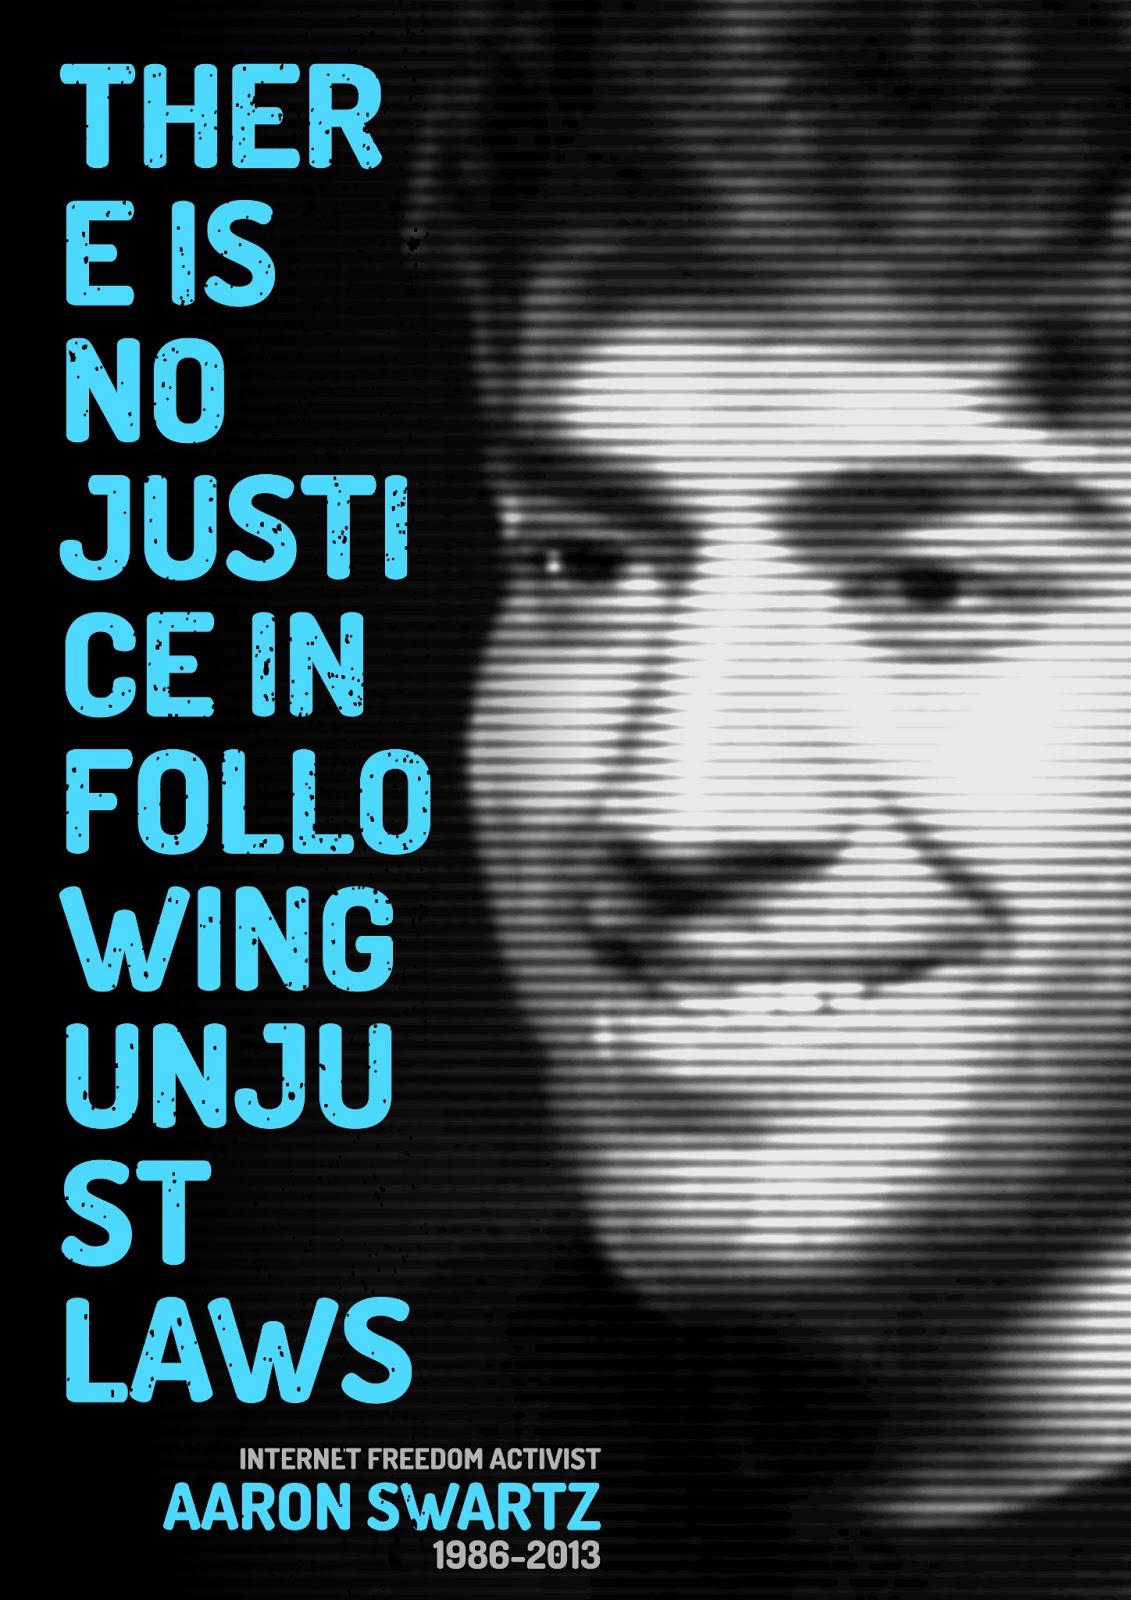 Aaron Swartz's quote #4